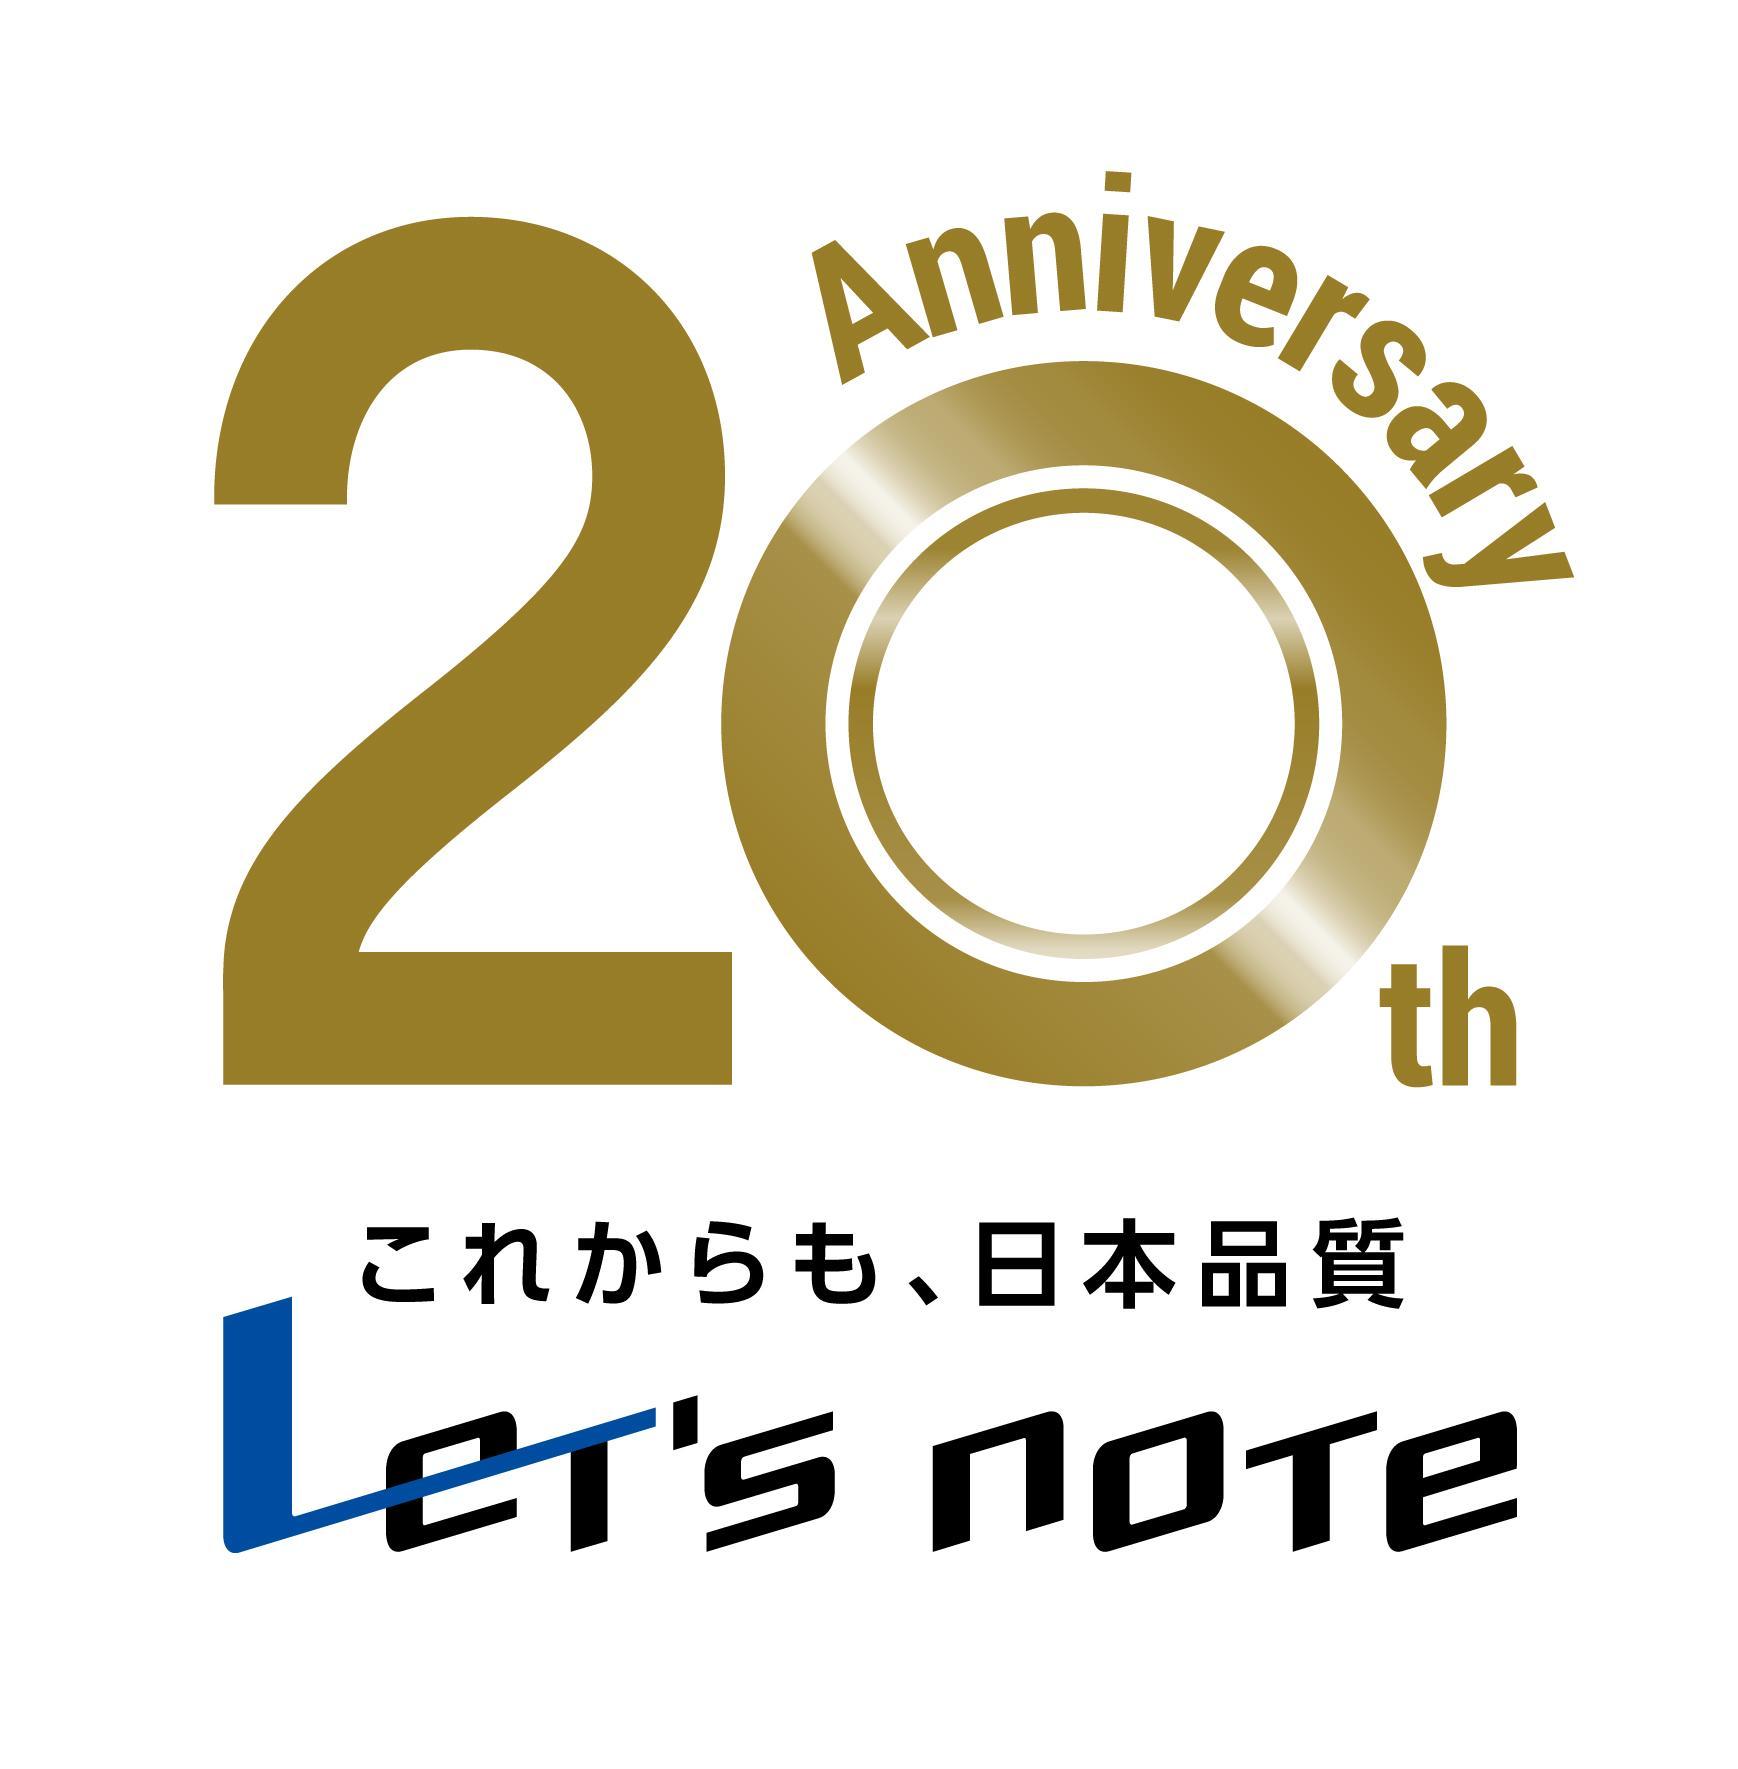 パナソニックのモバイルパソコン「Let's note(レッツノート)」は20周年を迎えました